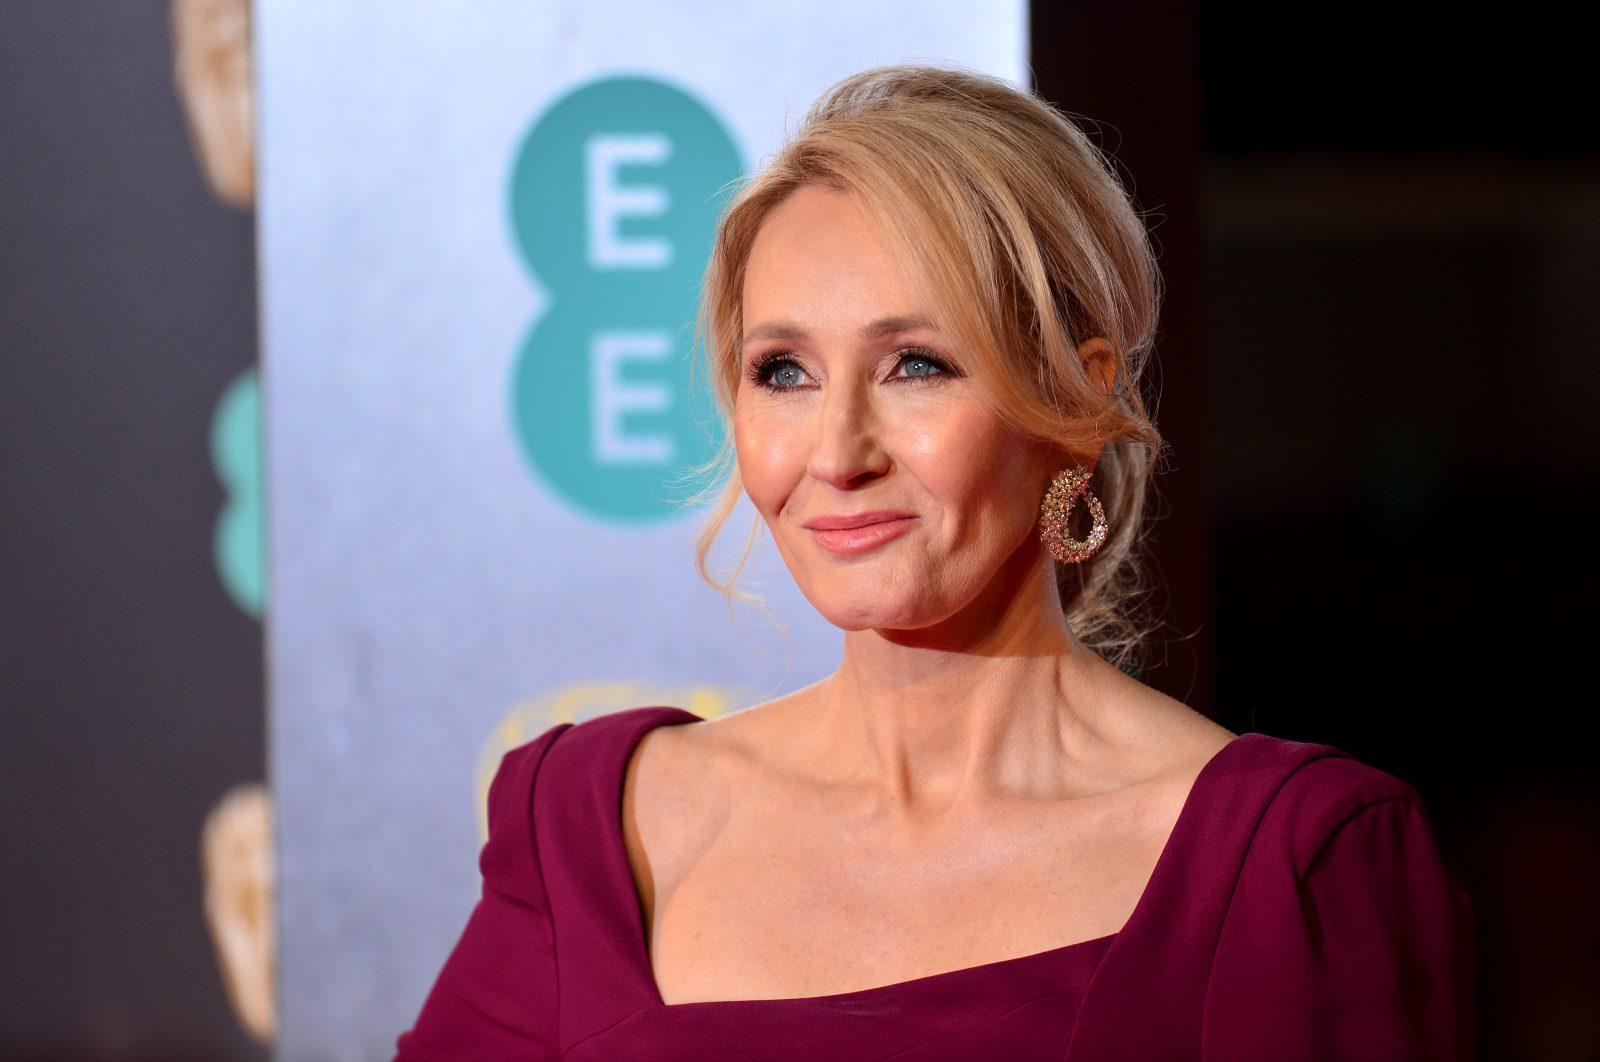 Auch die britische Autorin J. K. Rowling gehört zu den Unterzeichnern Foto: picture alliance / empics